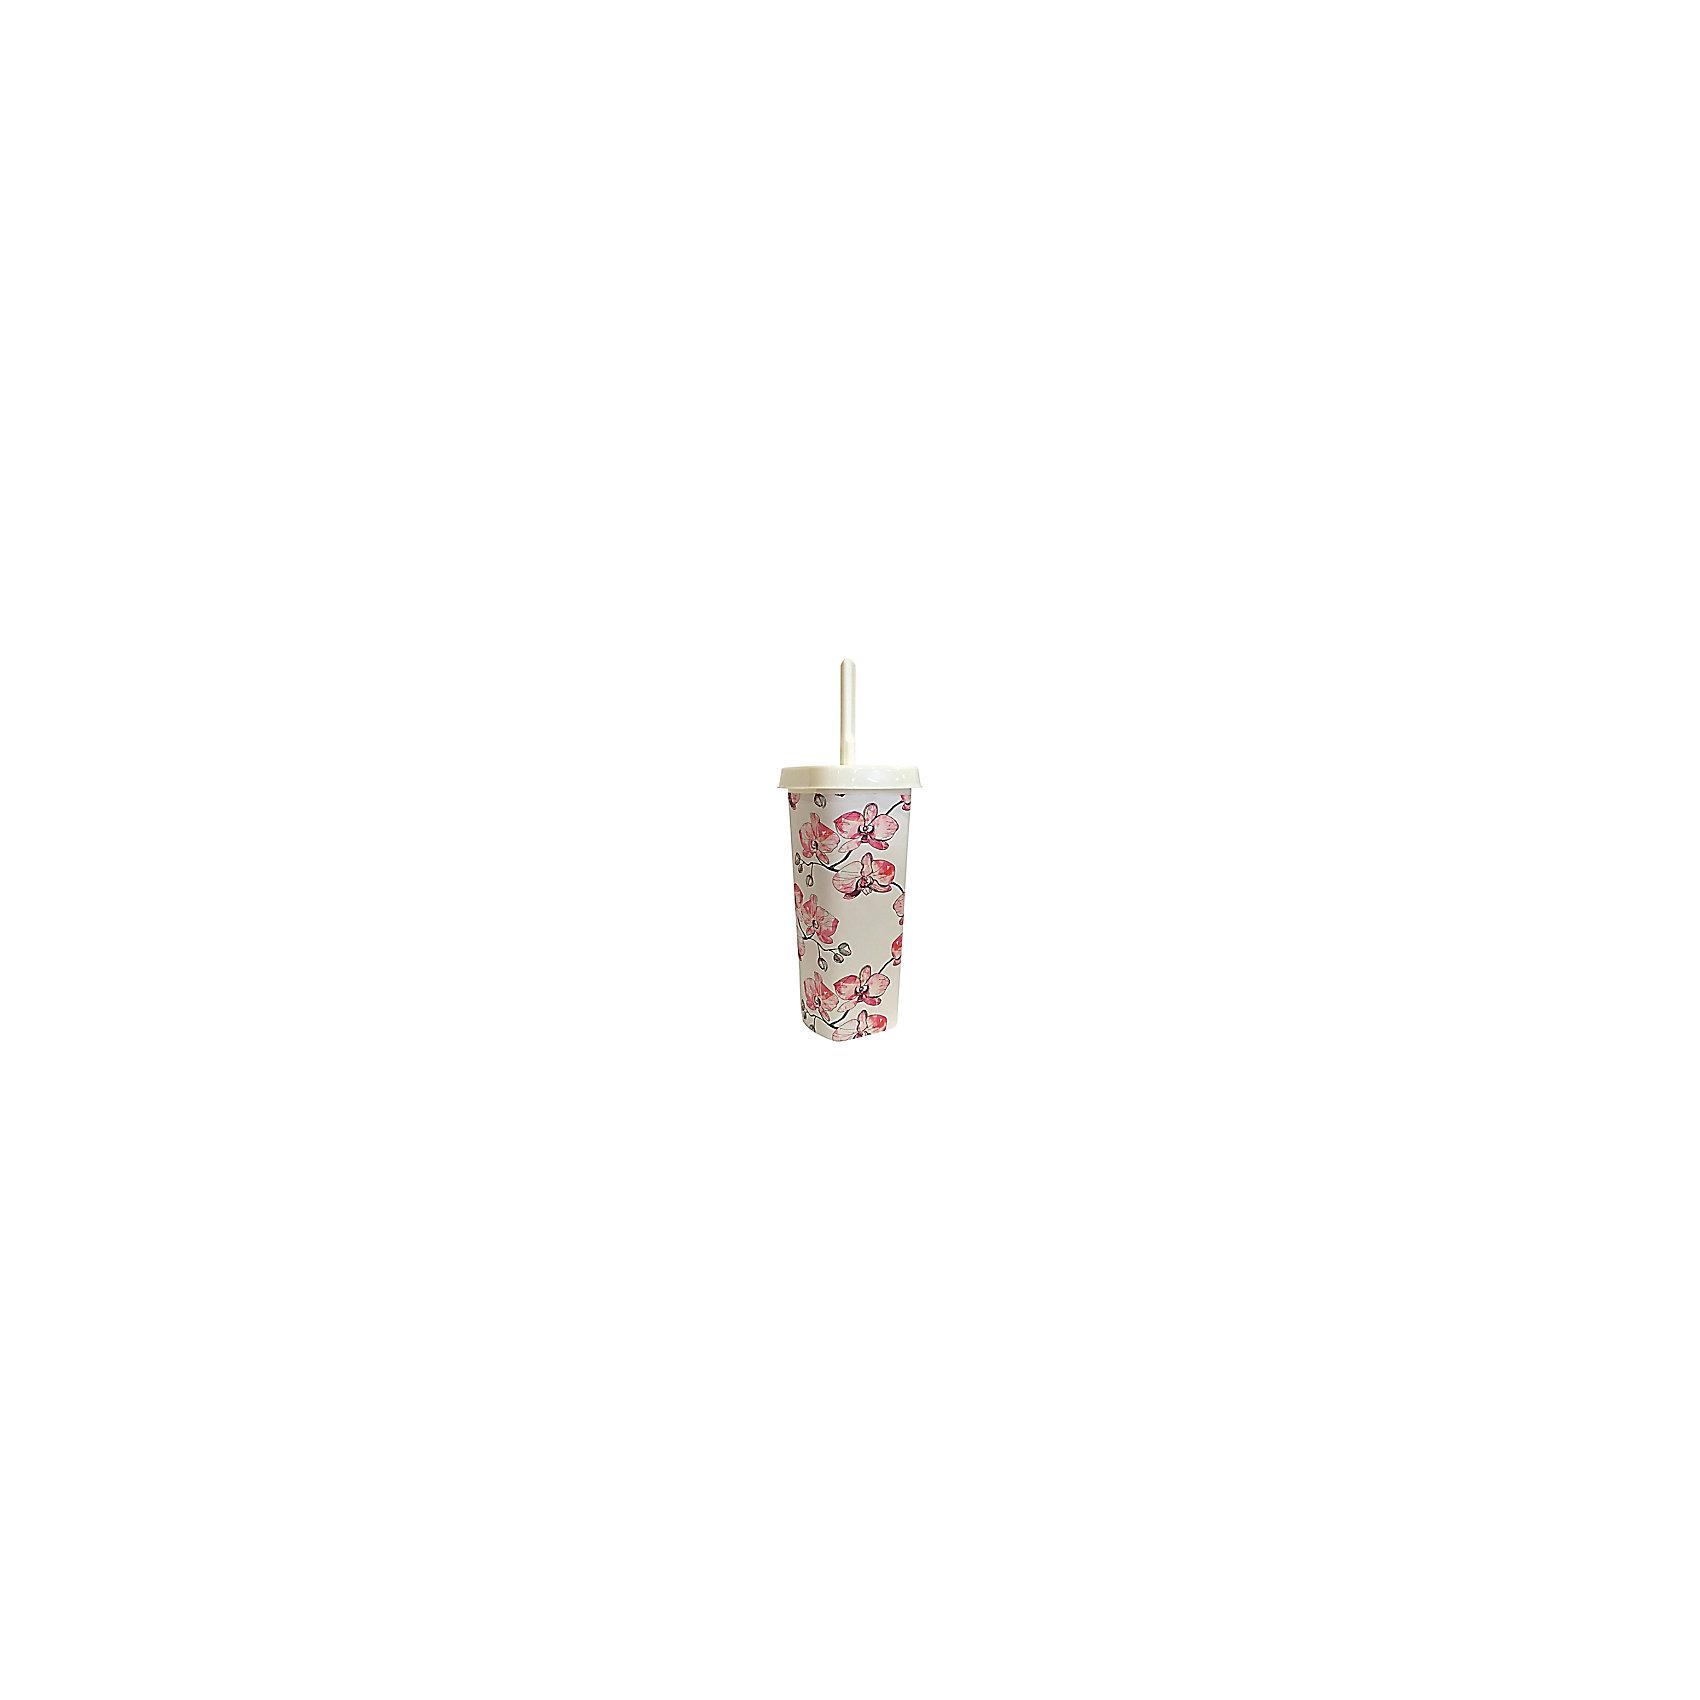 Комплект WC закрытый Квадра декор орхидеи, SvipВанная комната<br>Комплект WC закрытый Квадра декор орхидеи, Svip<br><br>Характеристики:<br><br>• Материал: пластик<br>• Цвет: бежевый<br>• В комплекте: 1 штука<br><br>Комплект предназначен для очистки сантехники и выполнен из материала высокого качества, что позволяет ему оставаться прочным и не трескаться даже при сильном нажатии. Поверхность декорирована рисунками цветов. Ерш для очистки хранится в глубоком стакане, что обеспечивает большую гигиеничность вашей туалетной комнаты.<br><br>Комплект WC закрытый Квадра декор орхидеи, Svip можно купить в нашем интернет-магазине.<br><br>Ширина мм: 120<br>Глубина мм: 120<br>Высота мм: 370<br>Вес г: 227<br>Возраст от месяцев: 216<br>Возраст до месяцев: 1188<br>Пол: Унисекс<br>Возраст: Детский<br>SKU: 5545653